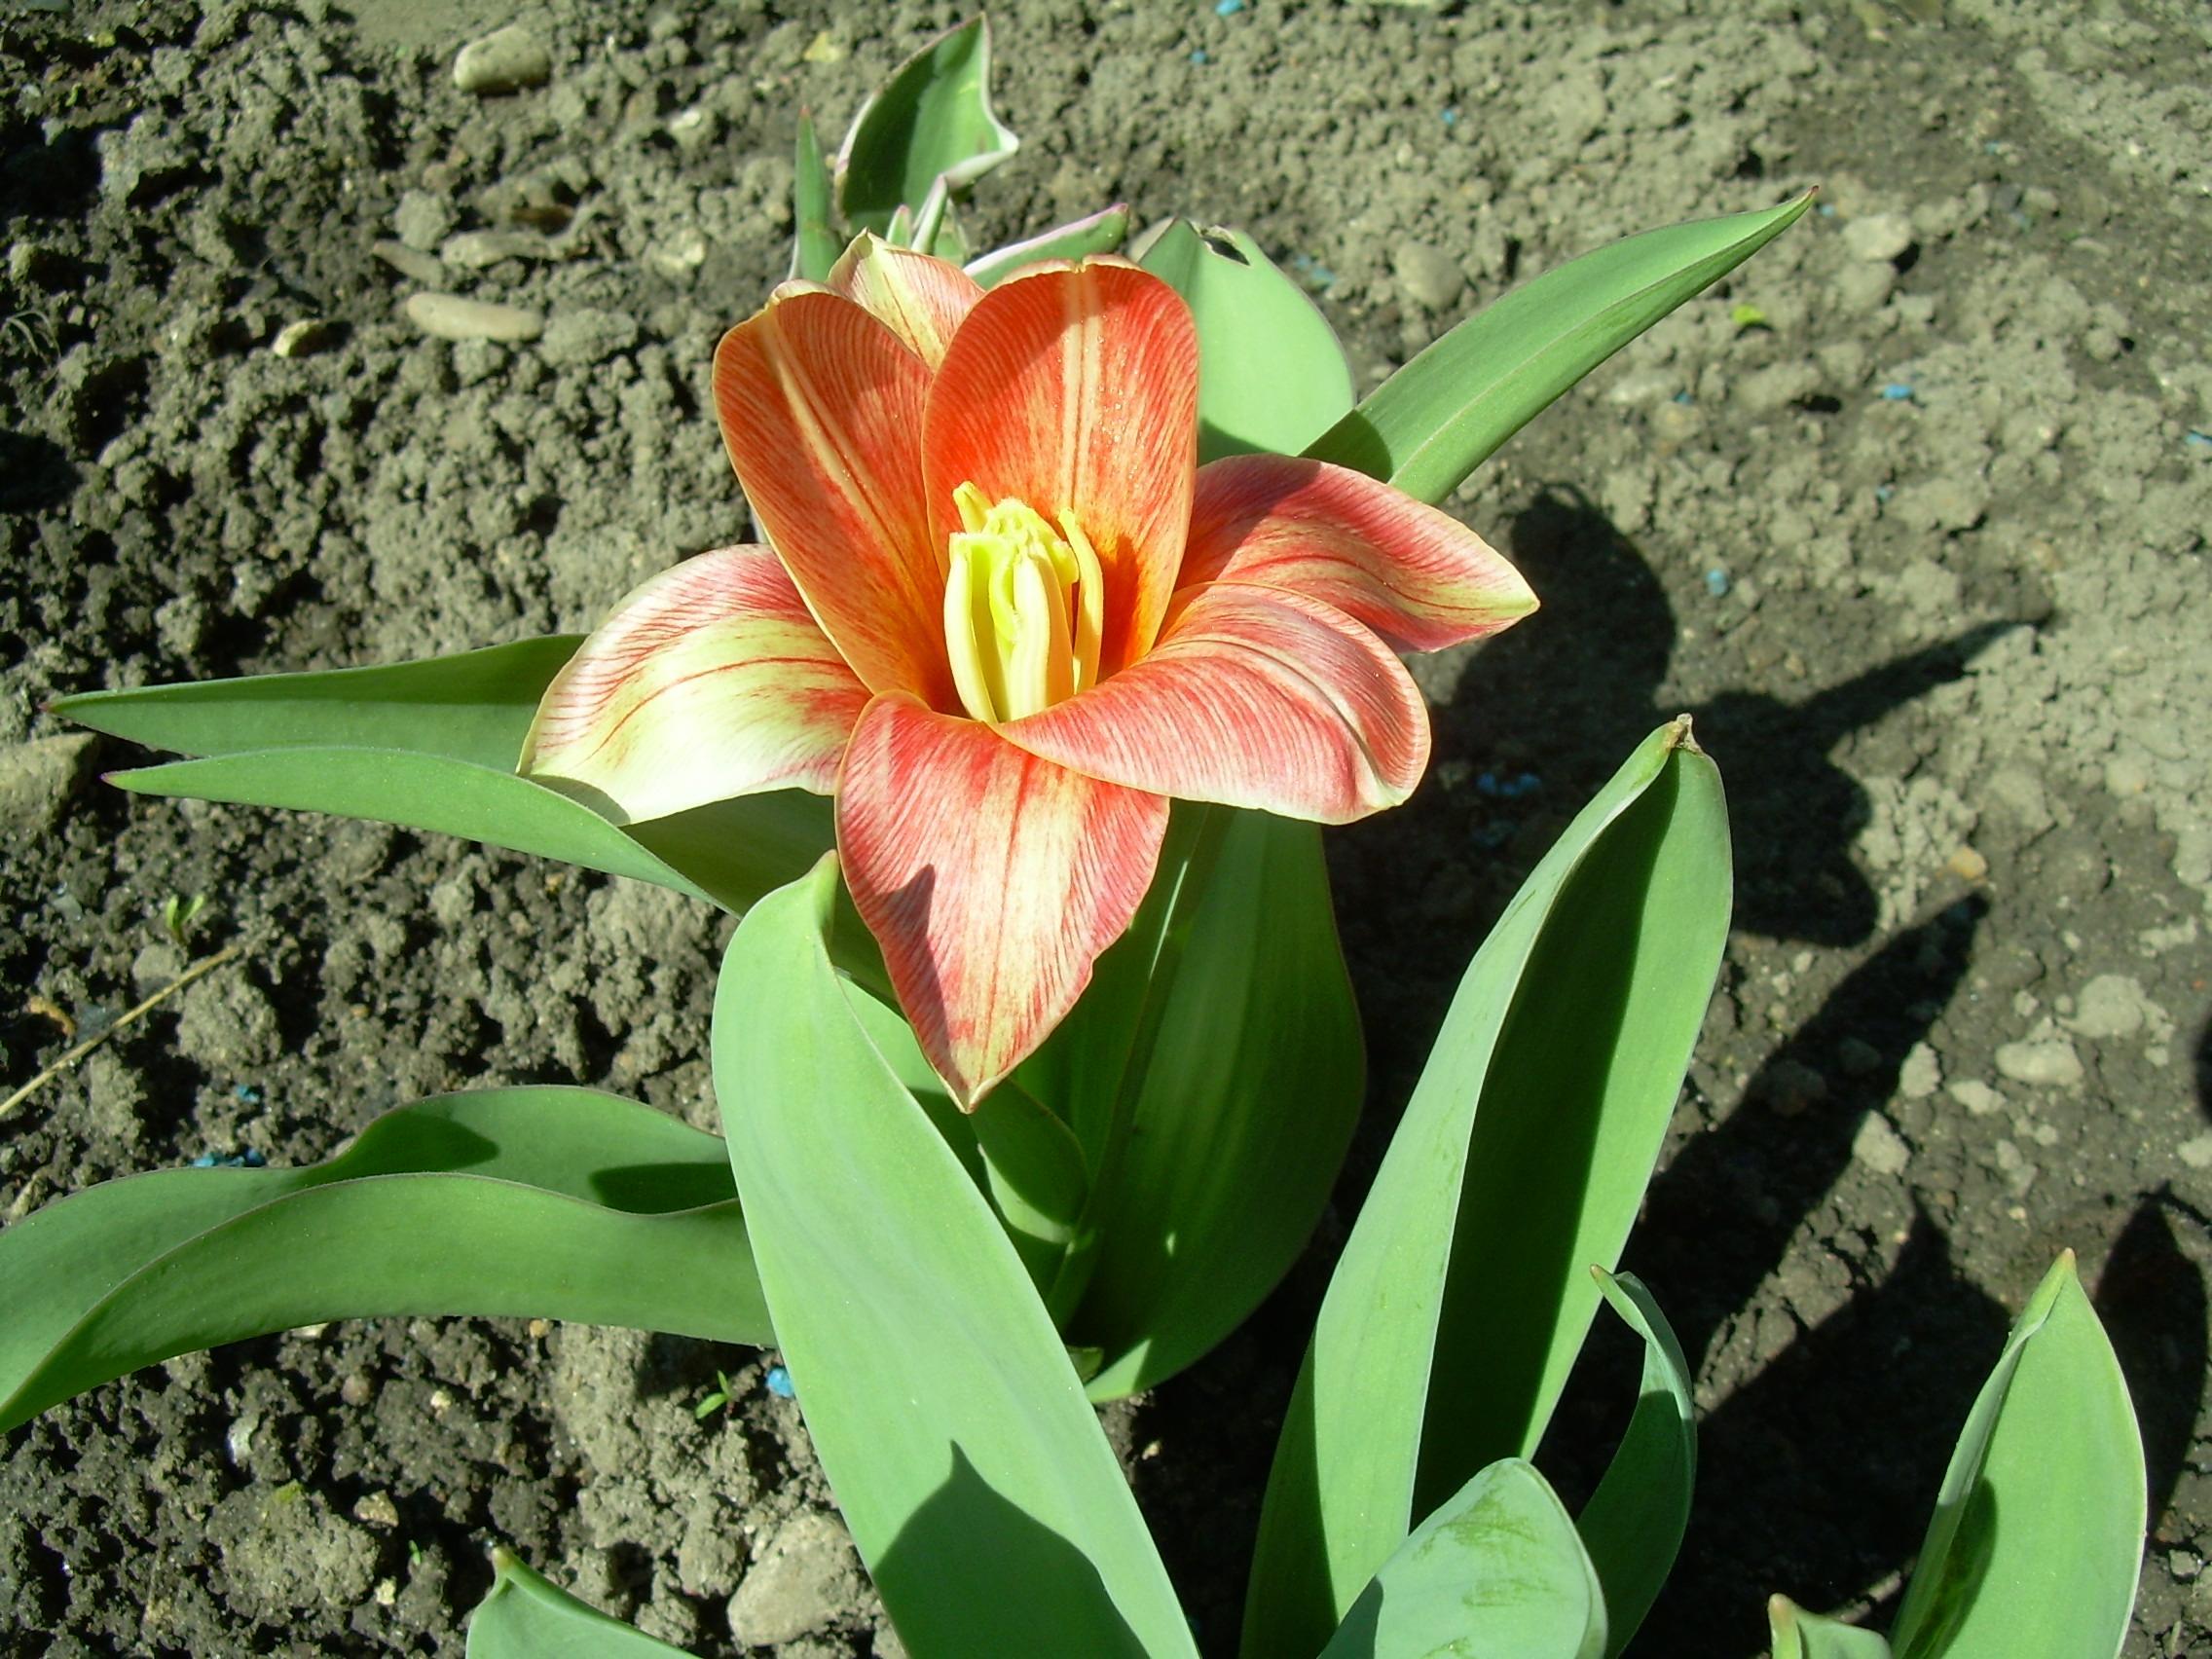 fête tulipe hollande 2017